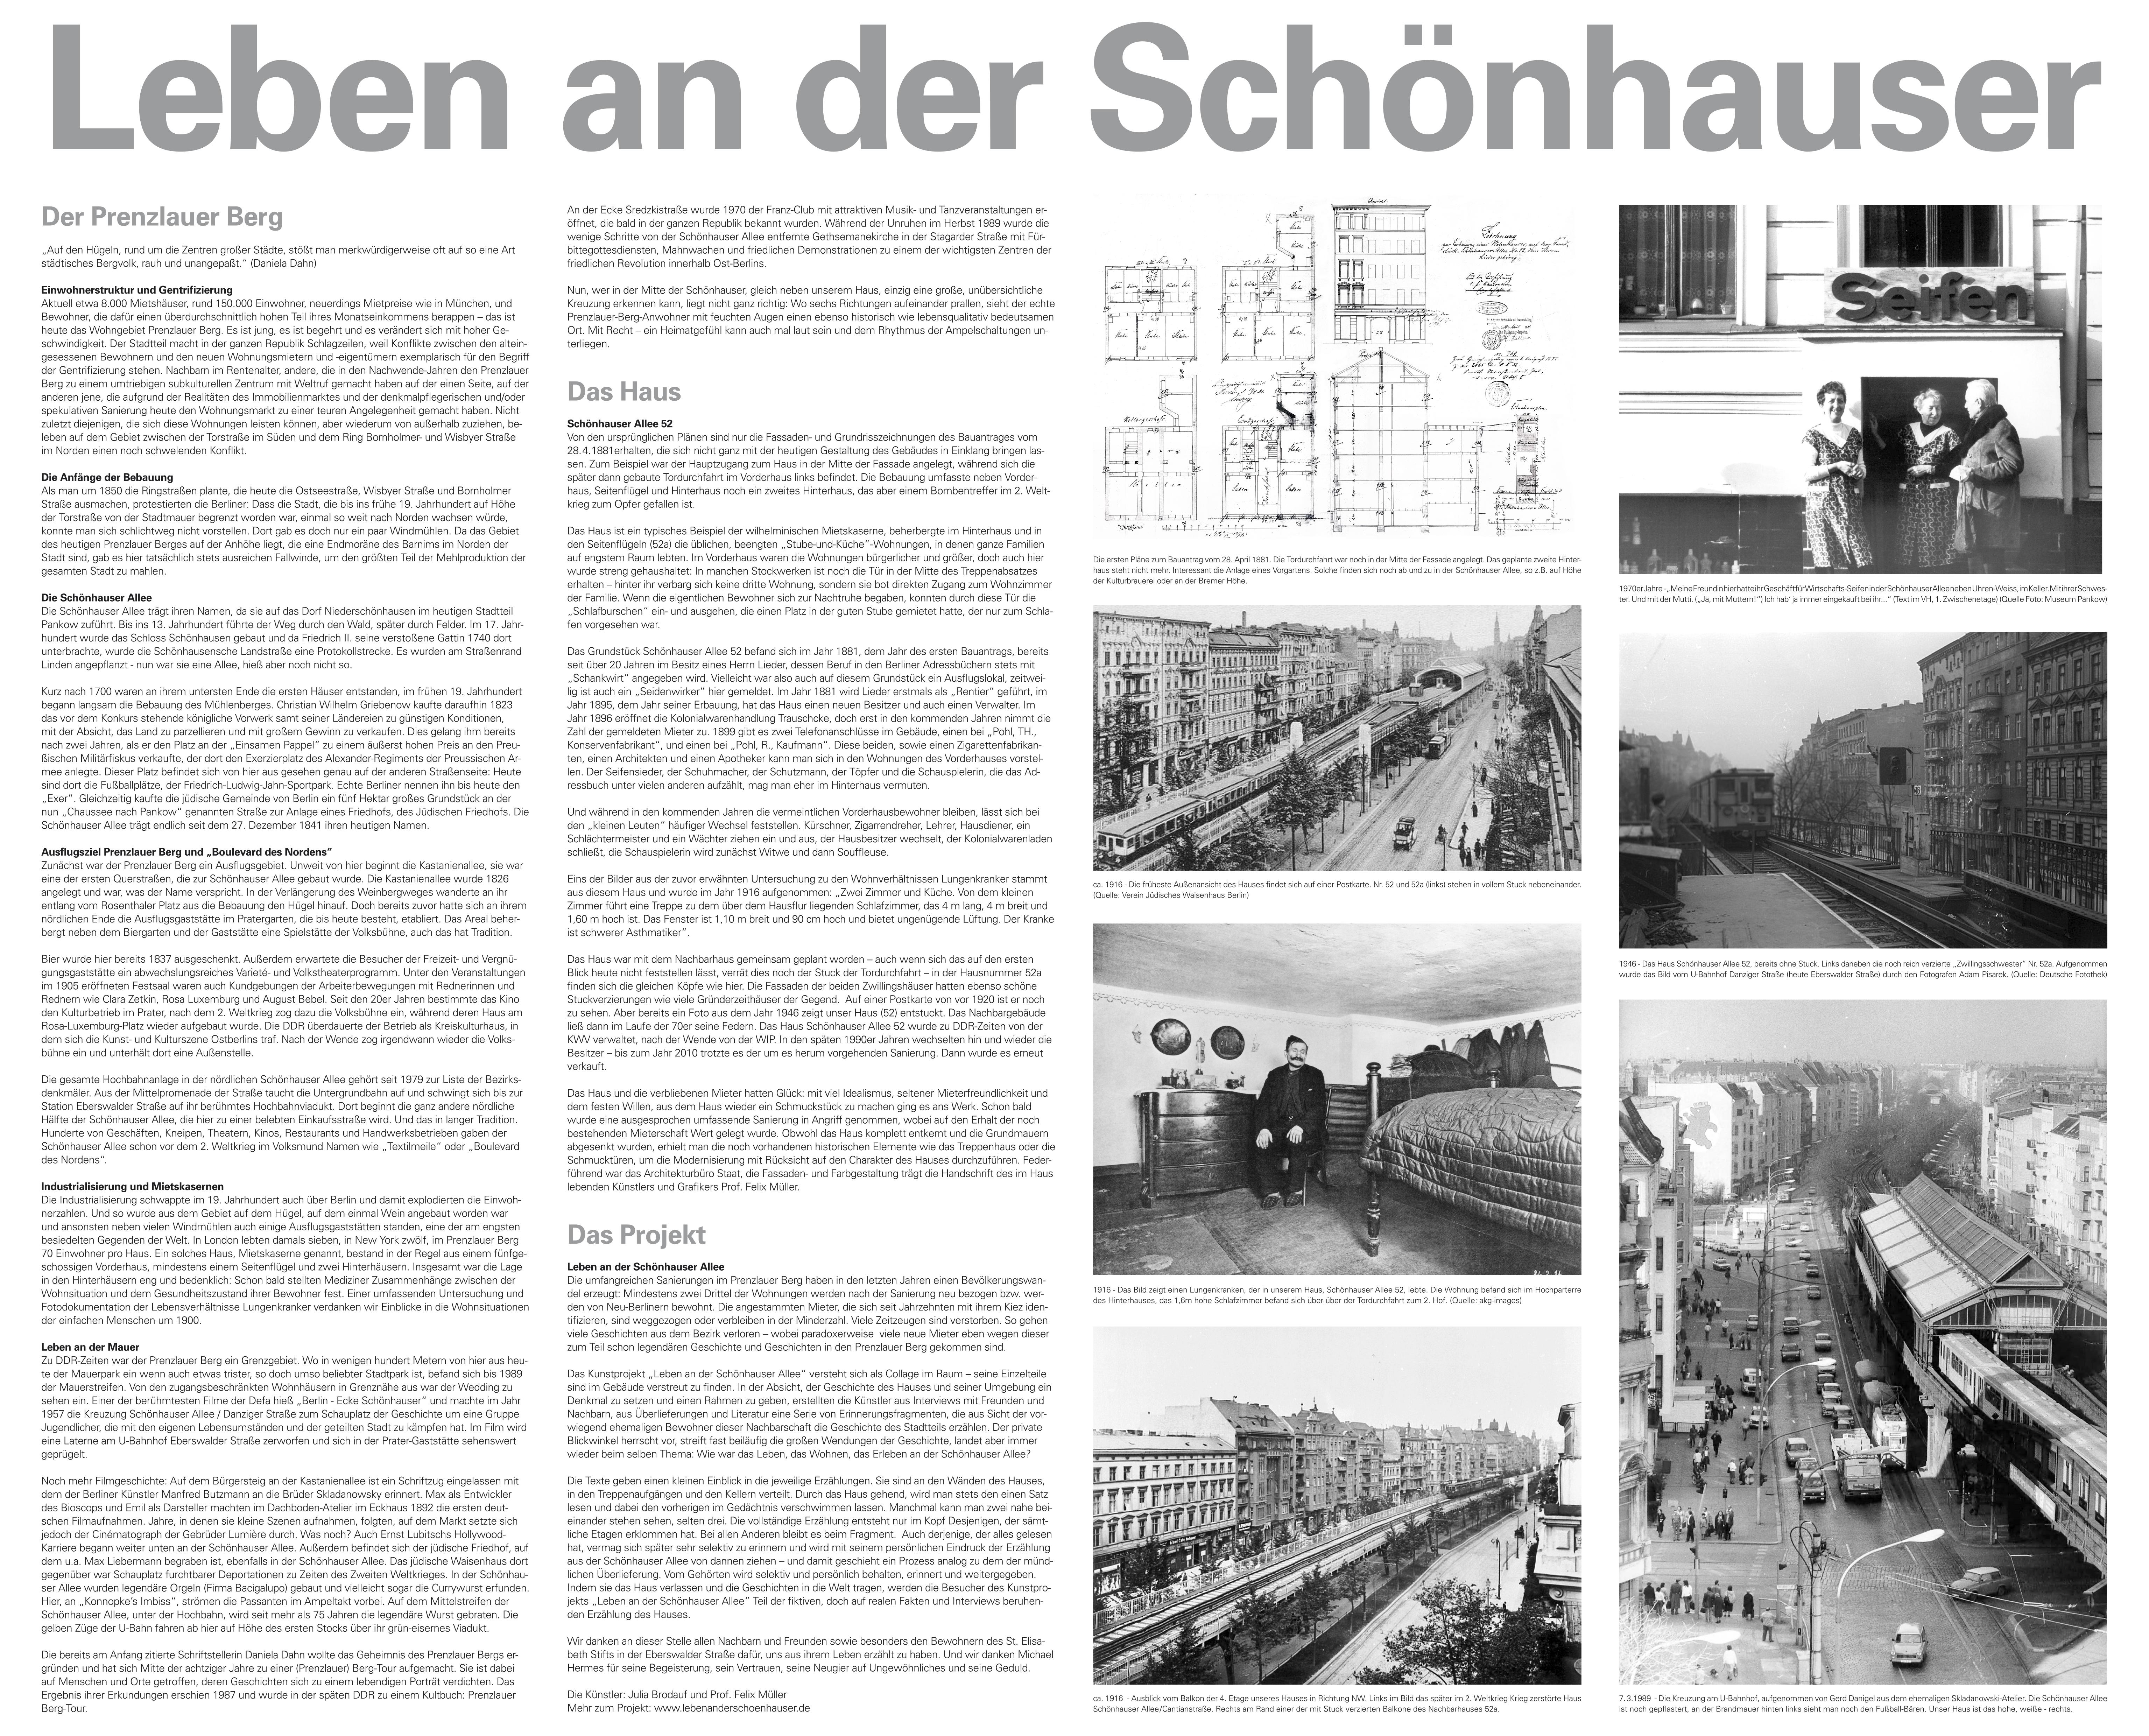 Leben an der Schönhauser - Tafel im Haus